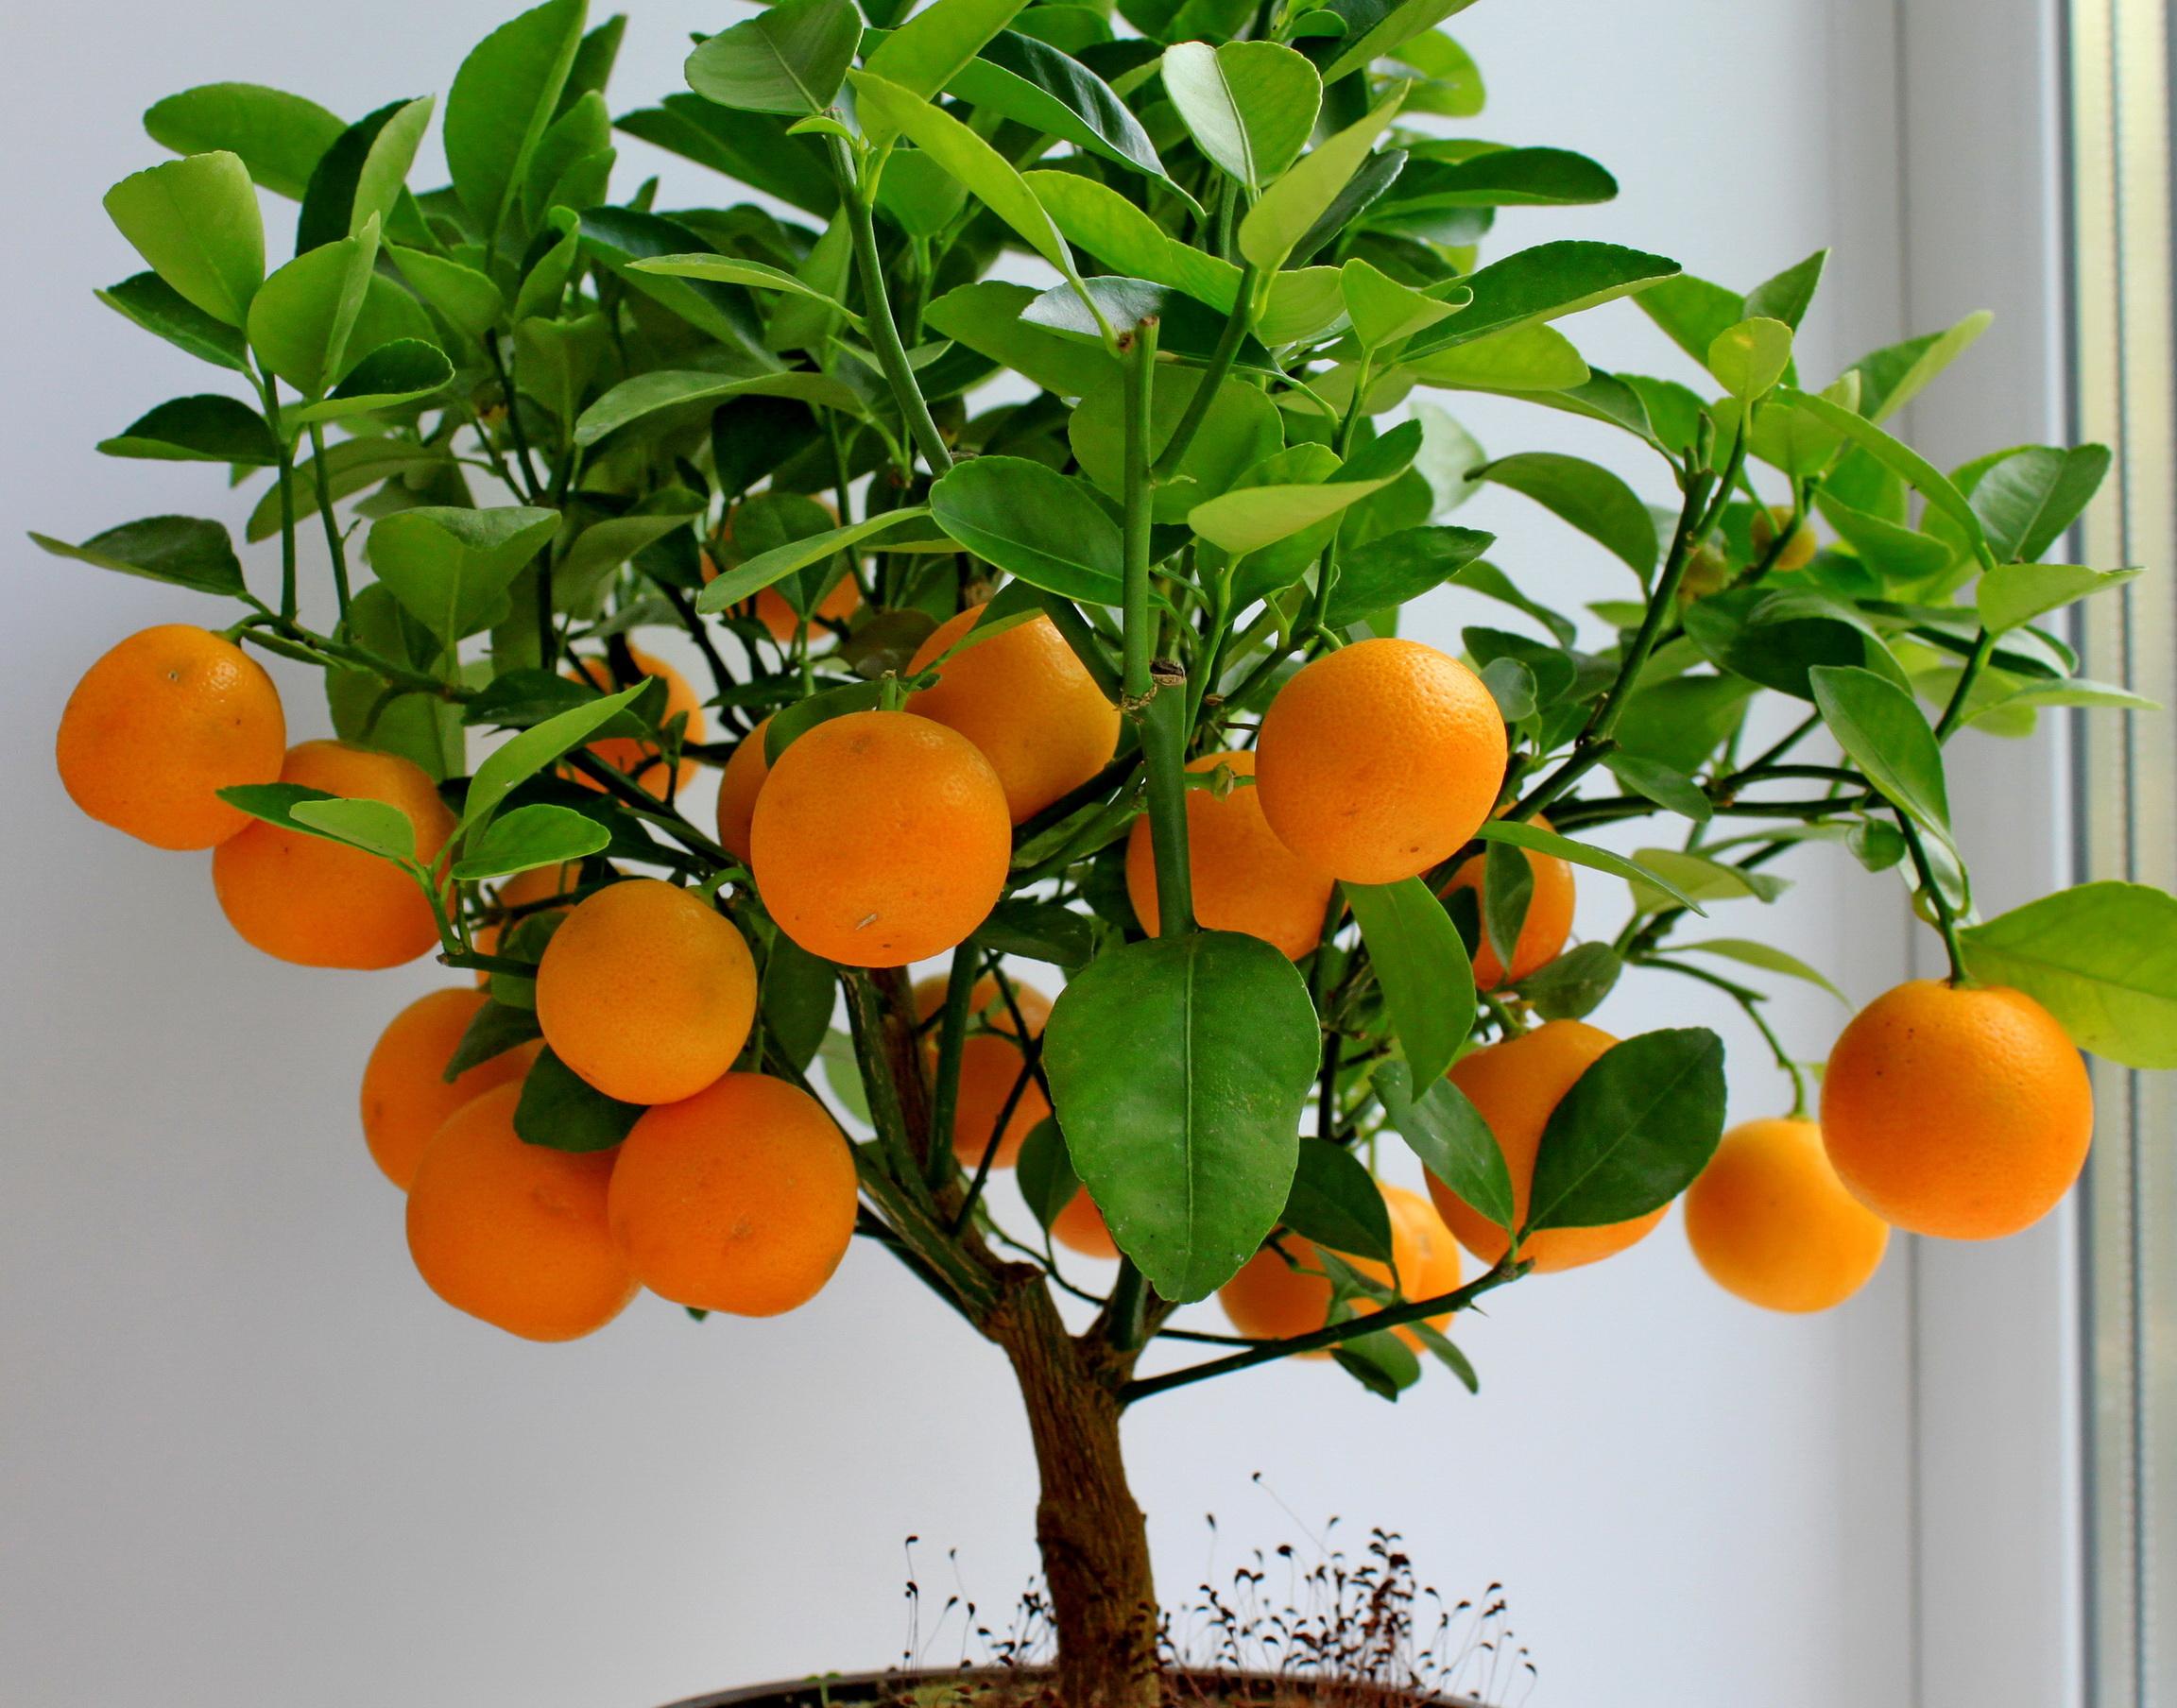 Picture Foliage Mandarine Food Fruit Trees Citrus 2304x1808